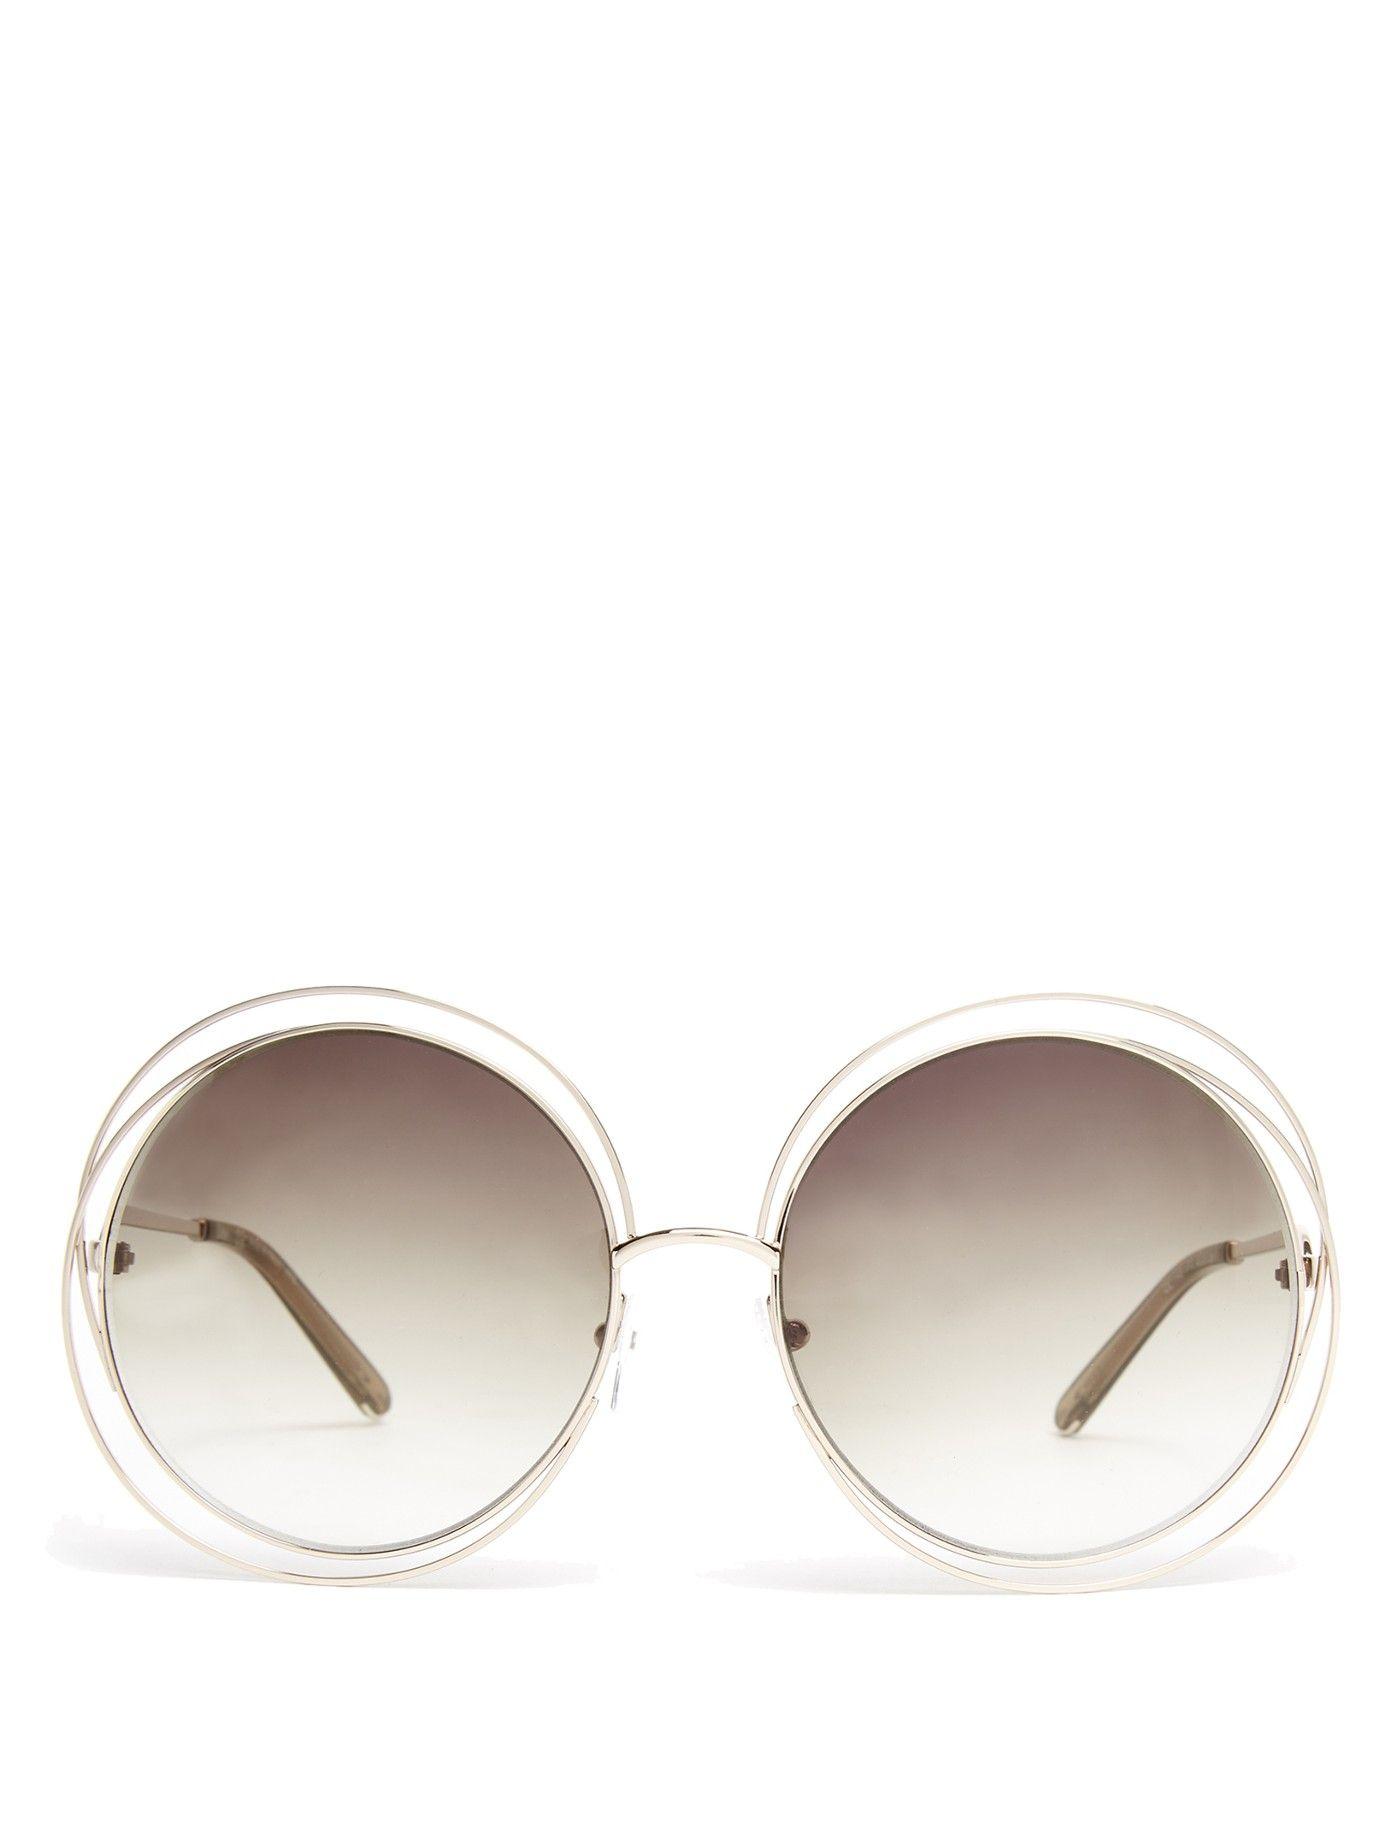 7315d1bd5610 Carlina round-frame sunglasses